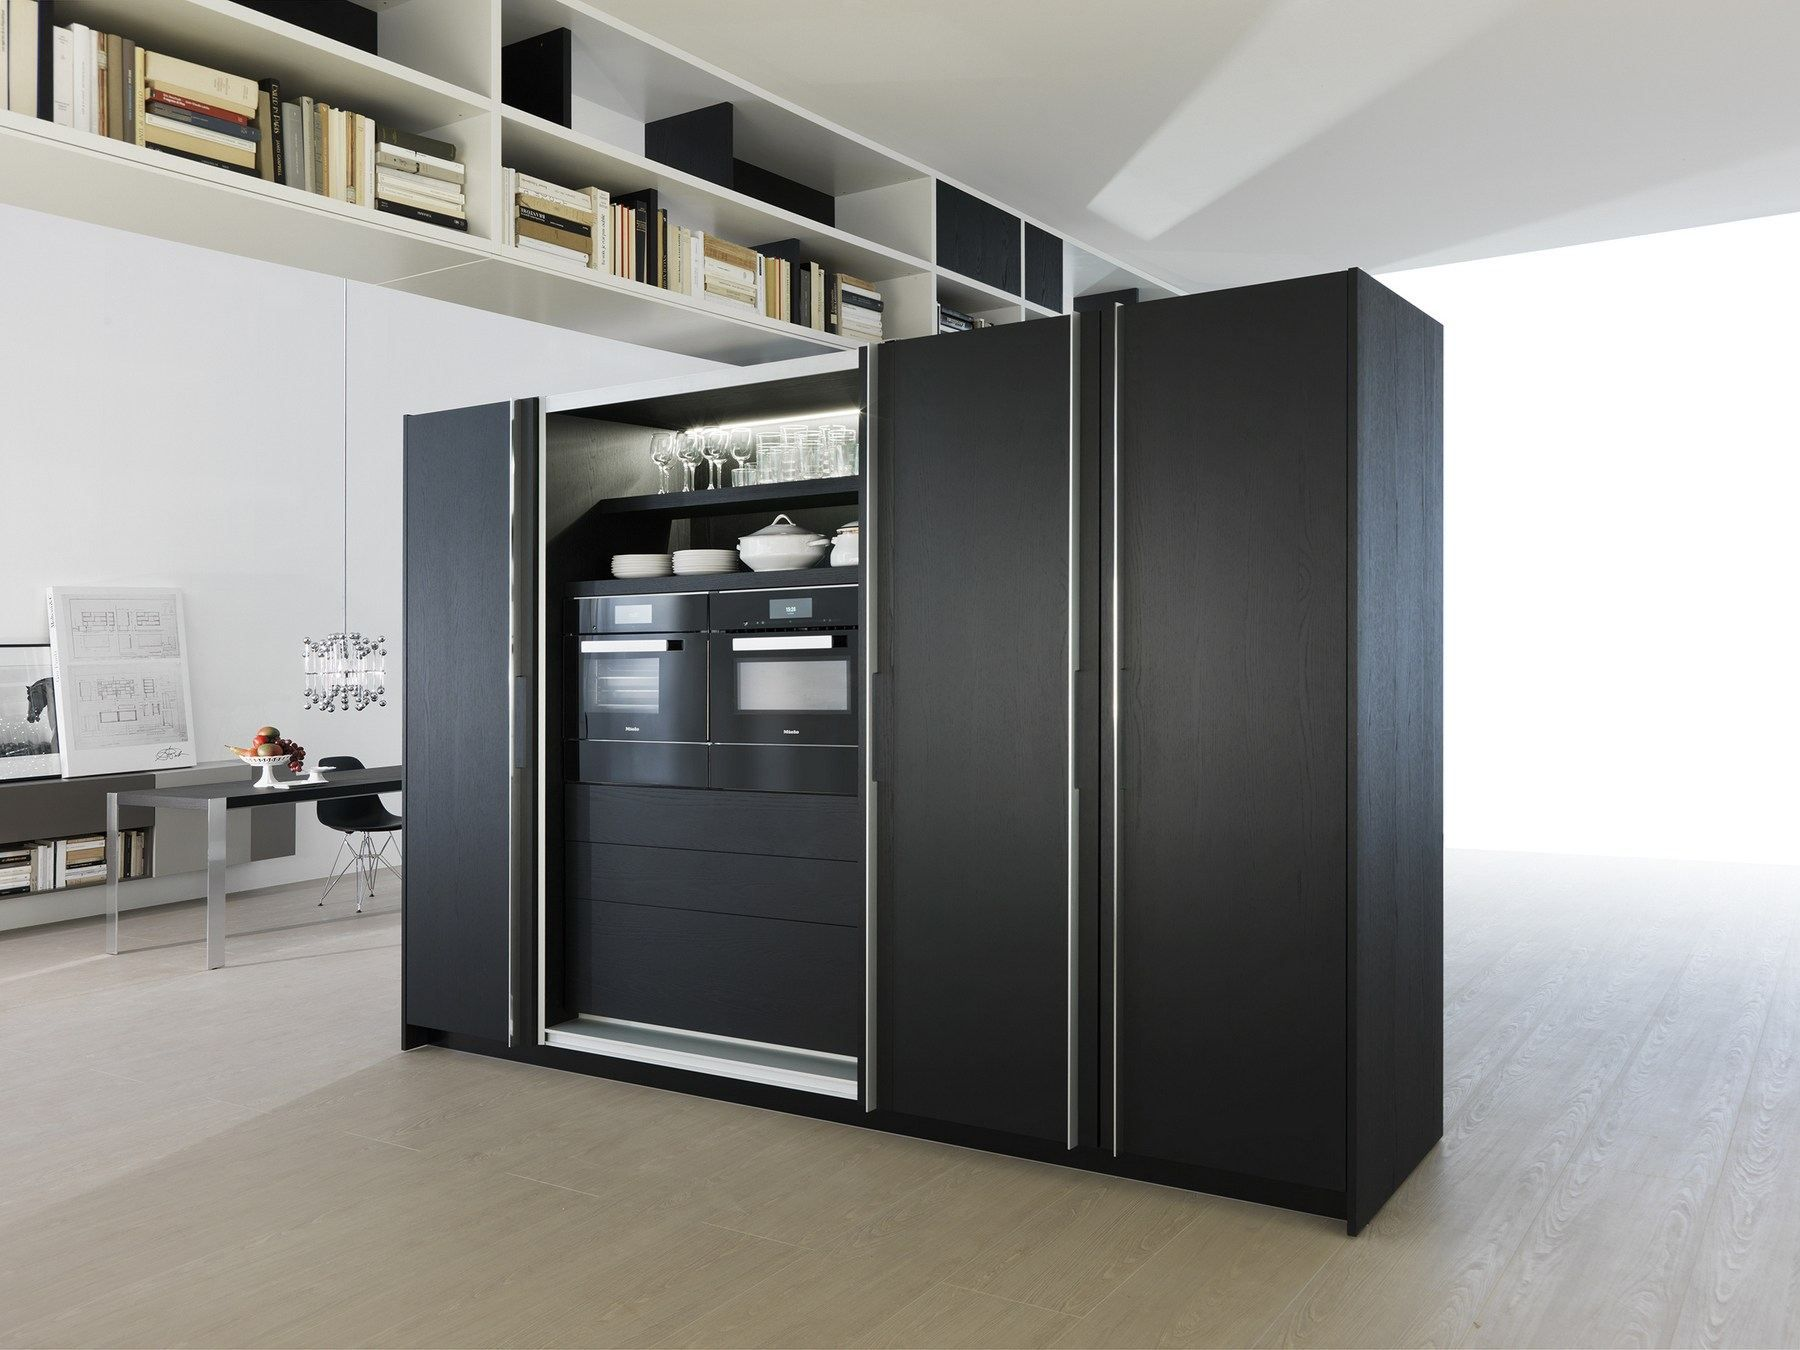 Cucina a scomparsa lineare TIVALÌ by DADA | design Dante Bonuccelli ...